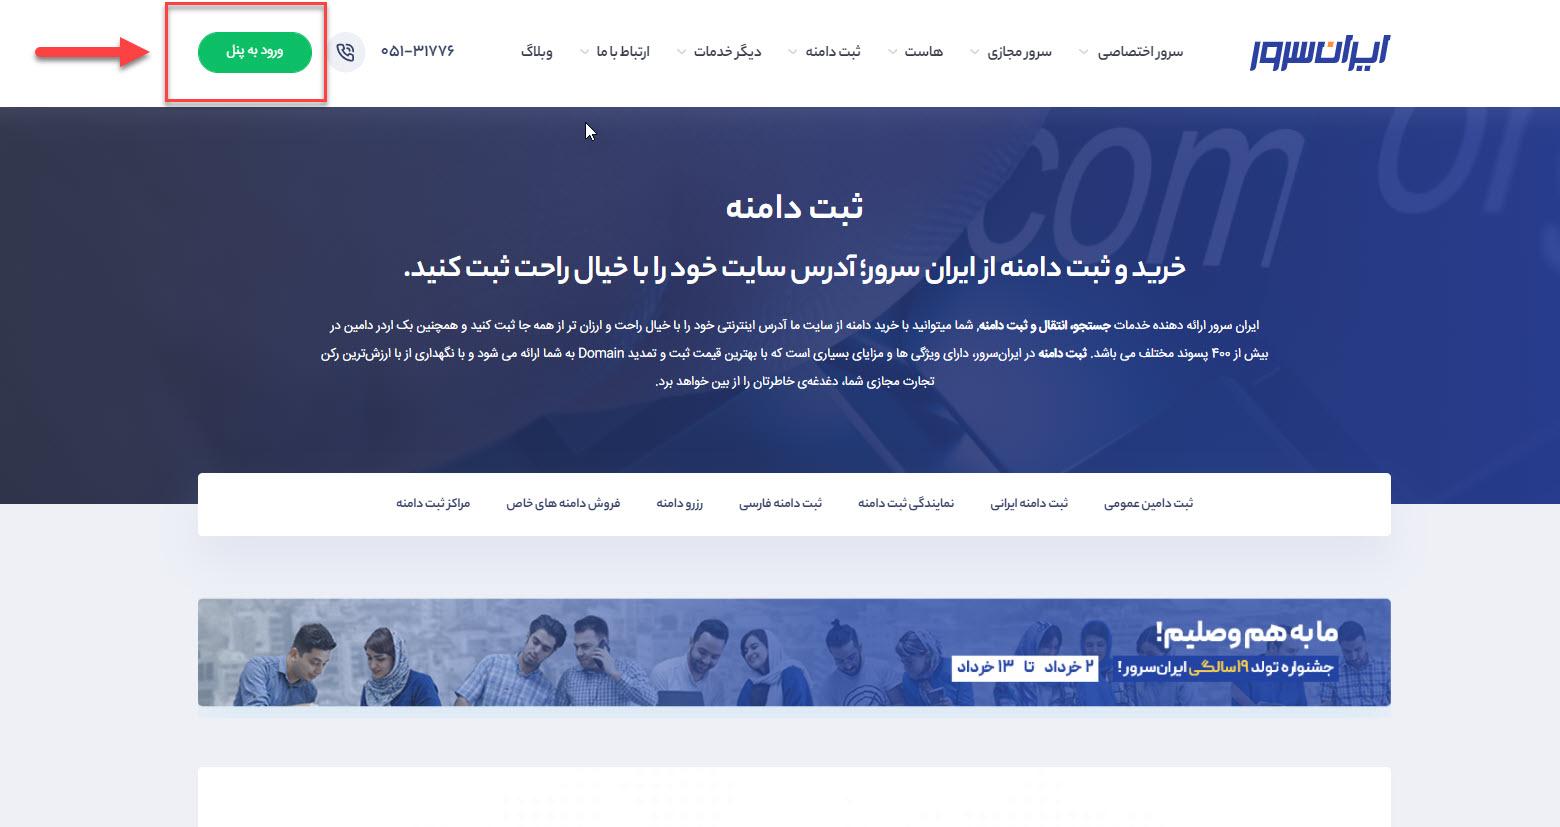 ورود به پنل کاربری ایران سرور